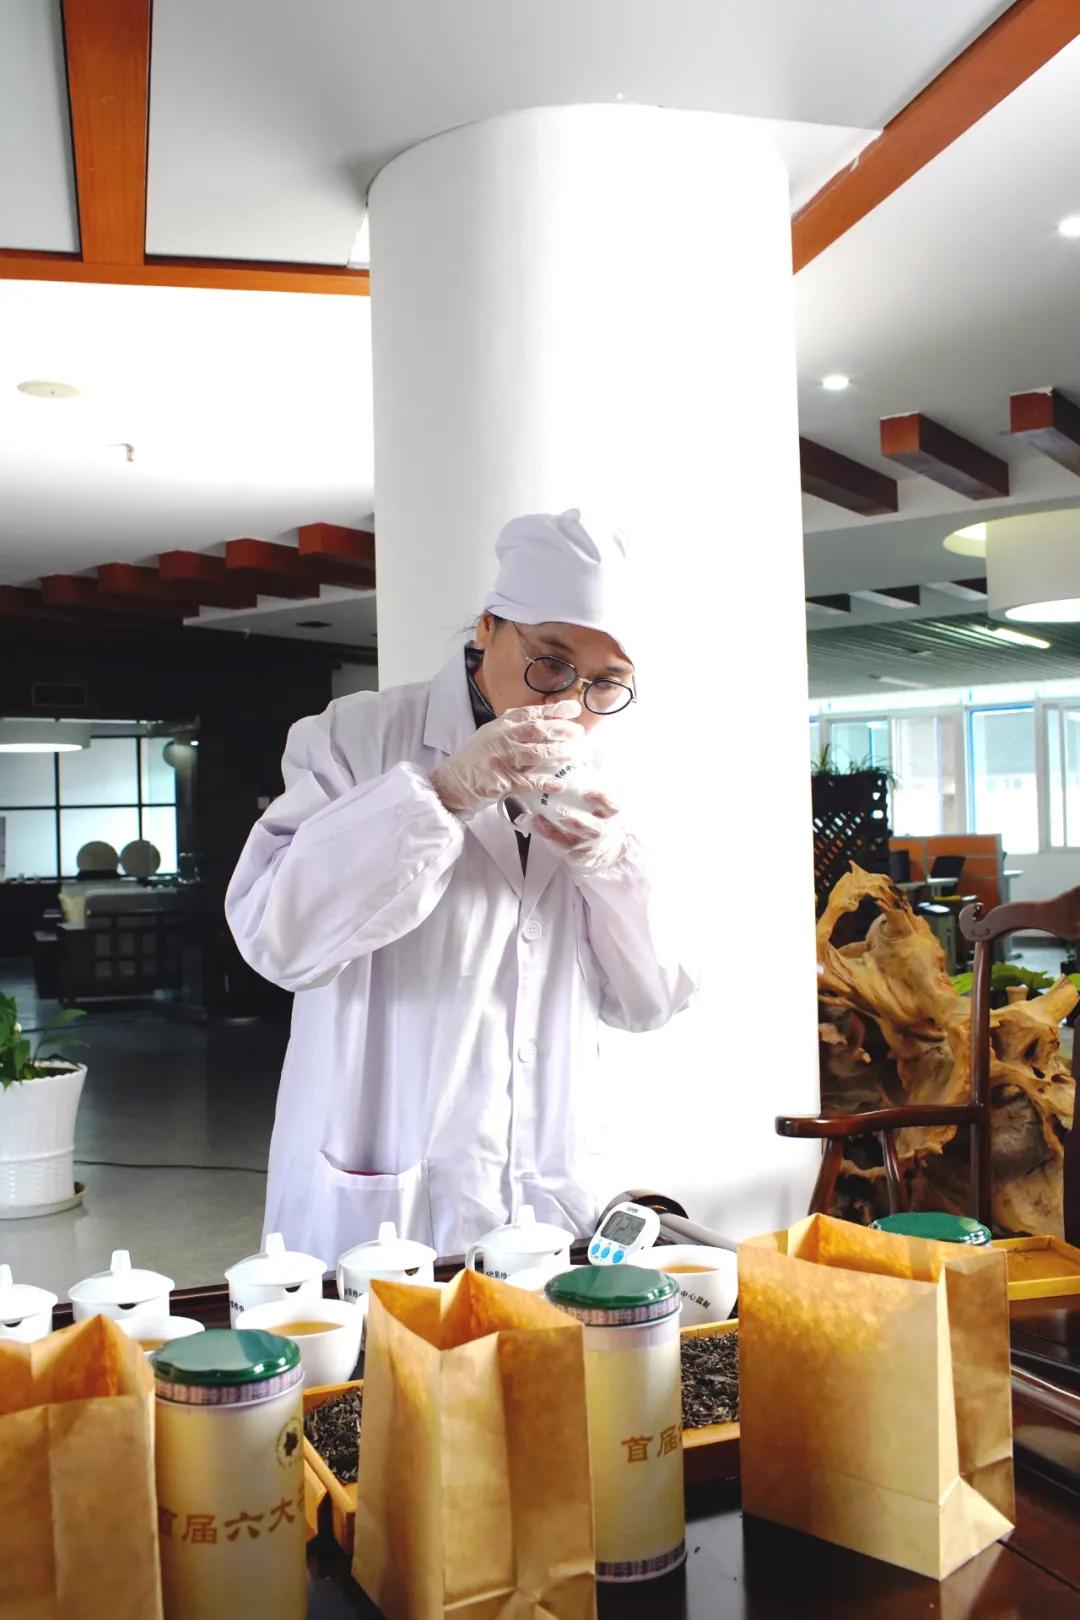 喜报!六大茶山董事长阮殿蓉女士入选中国制茶大师候选人